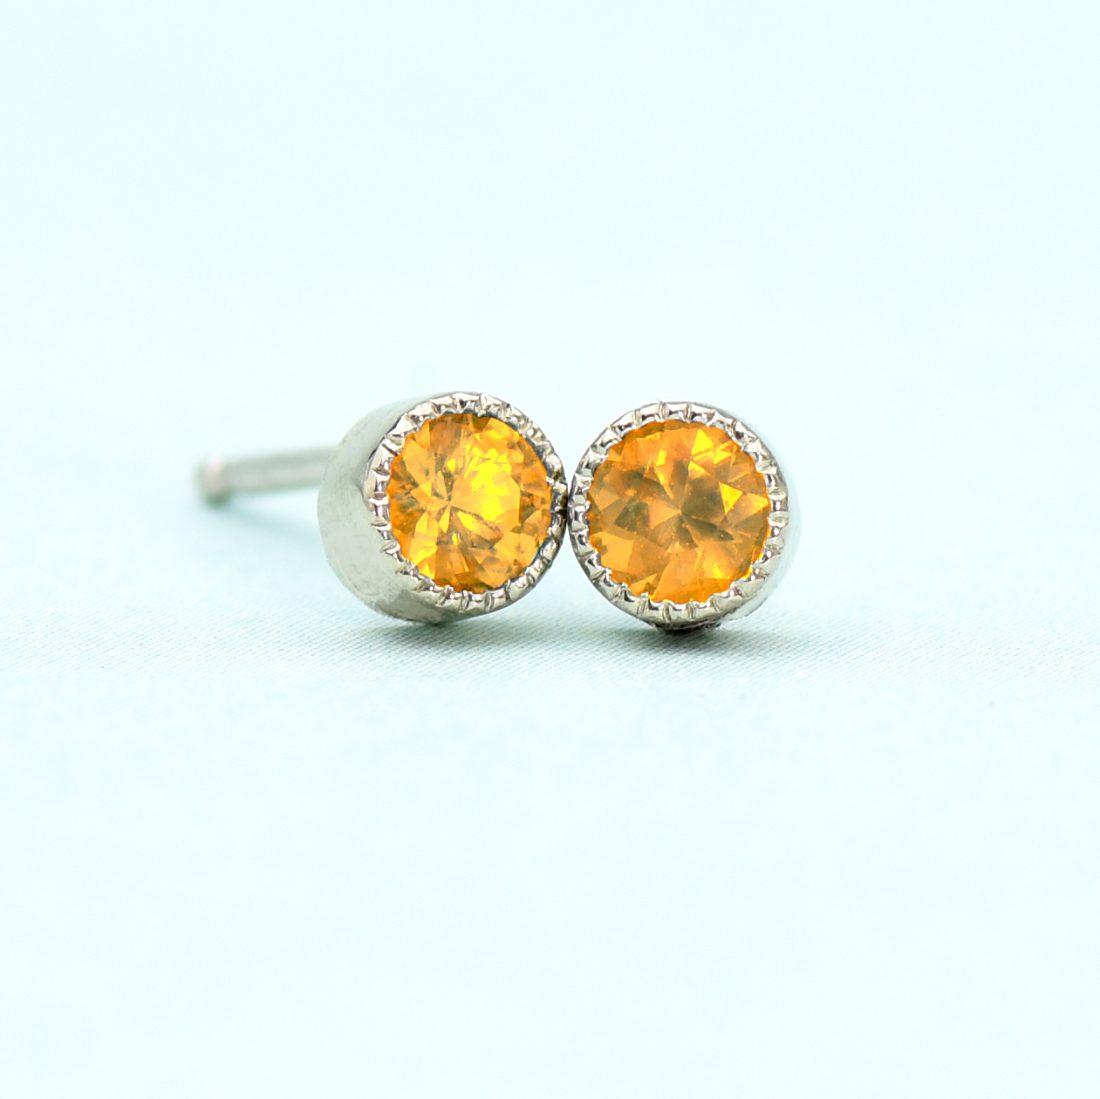 citrine stud earrings white gold